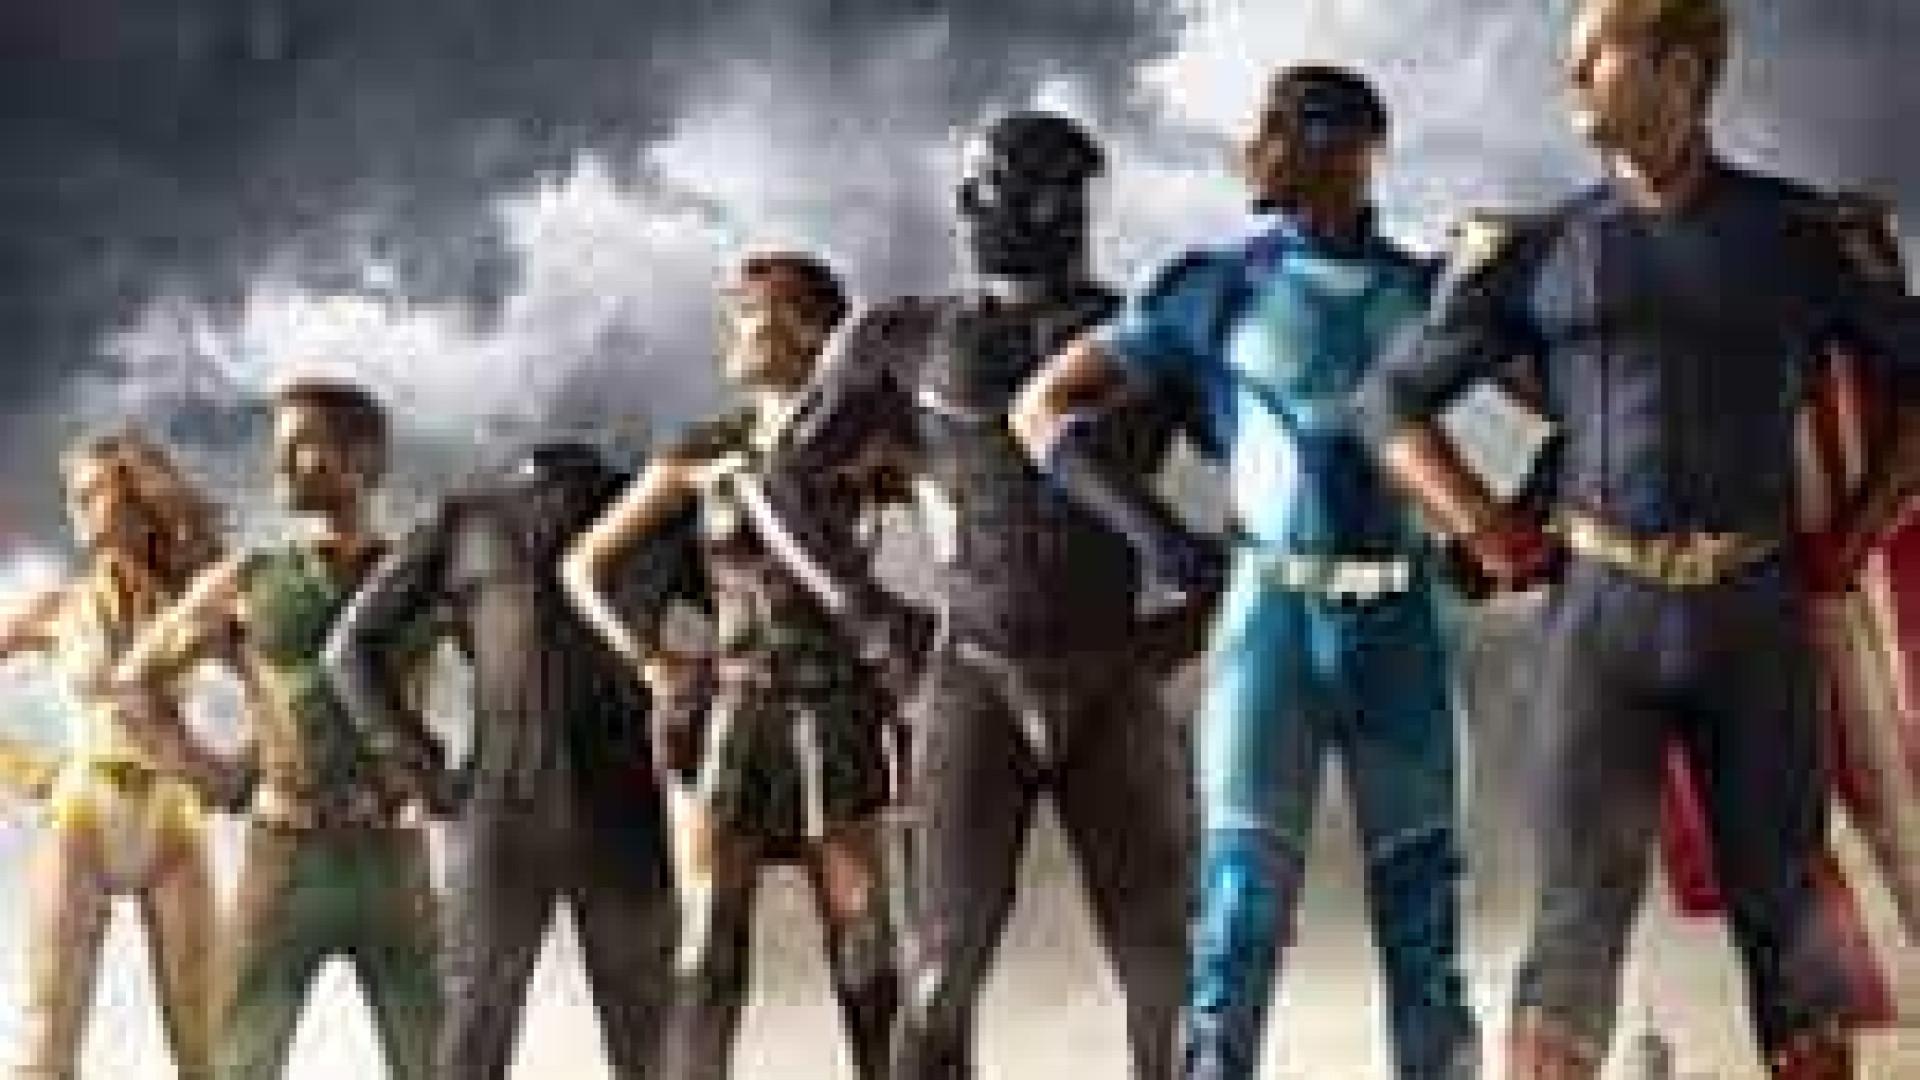 Série 'The Boys' ganhará spin-off ambientado em faculdade de super-heróis